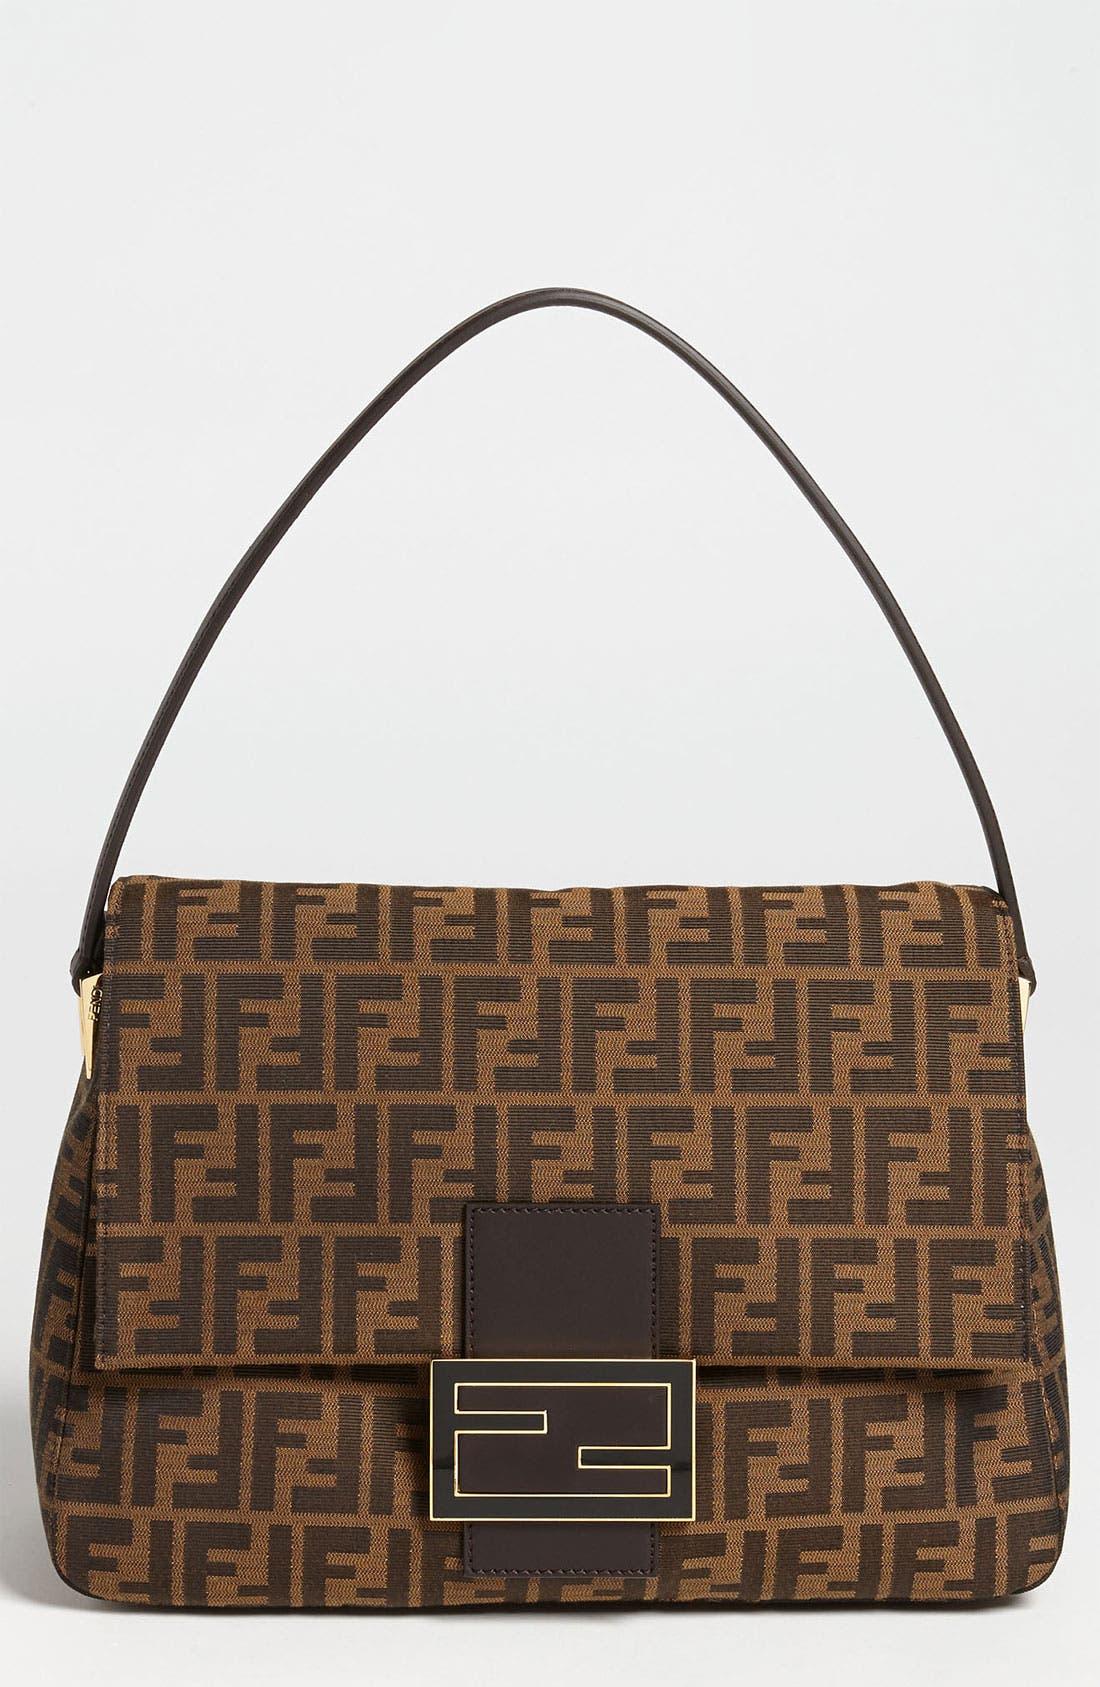 Alternate Image 1 Selected - Fendi 'Zucca - Big Mama' Flap Bag